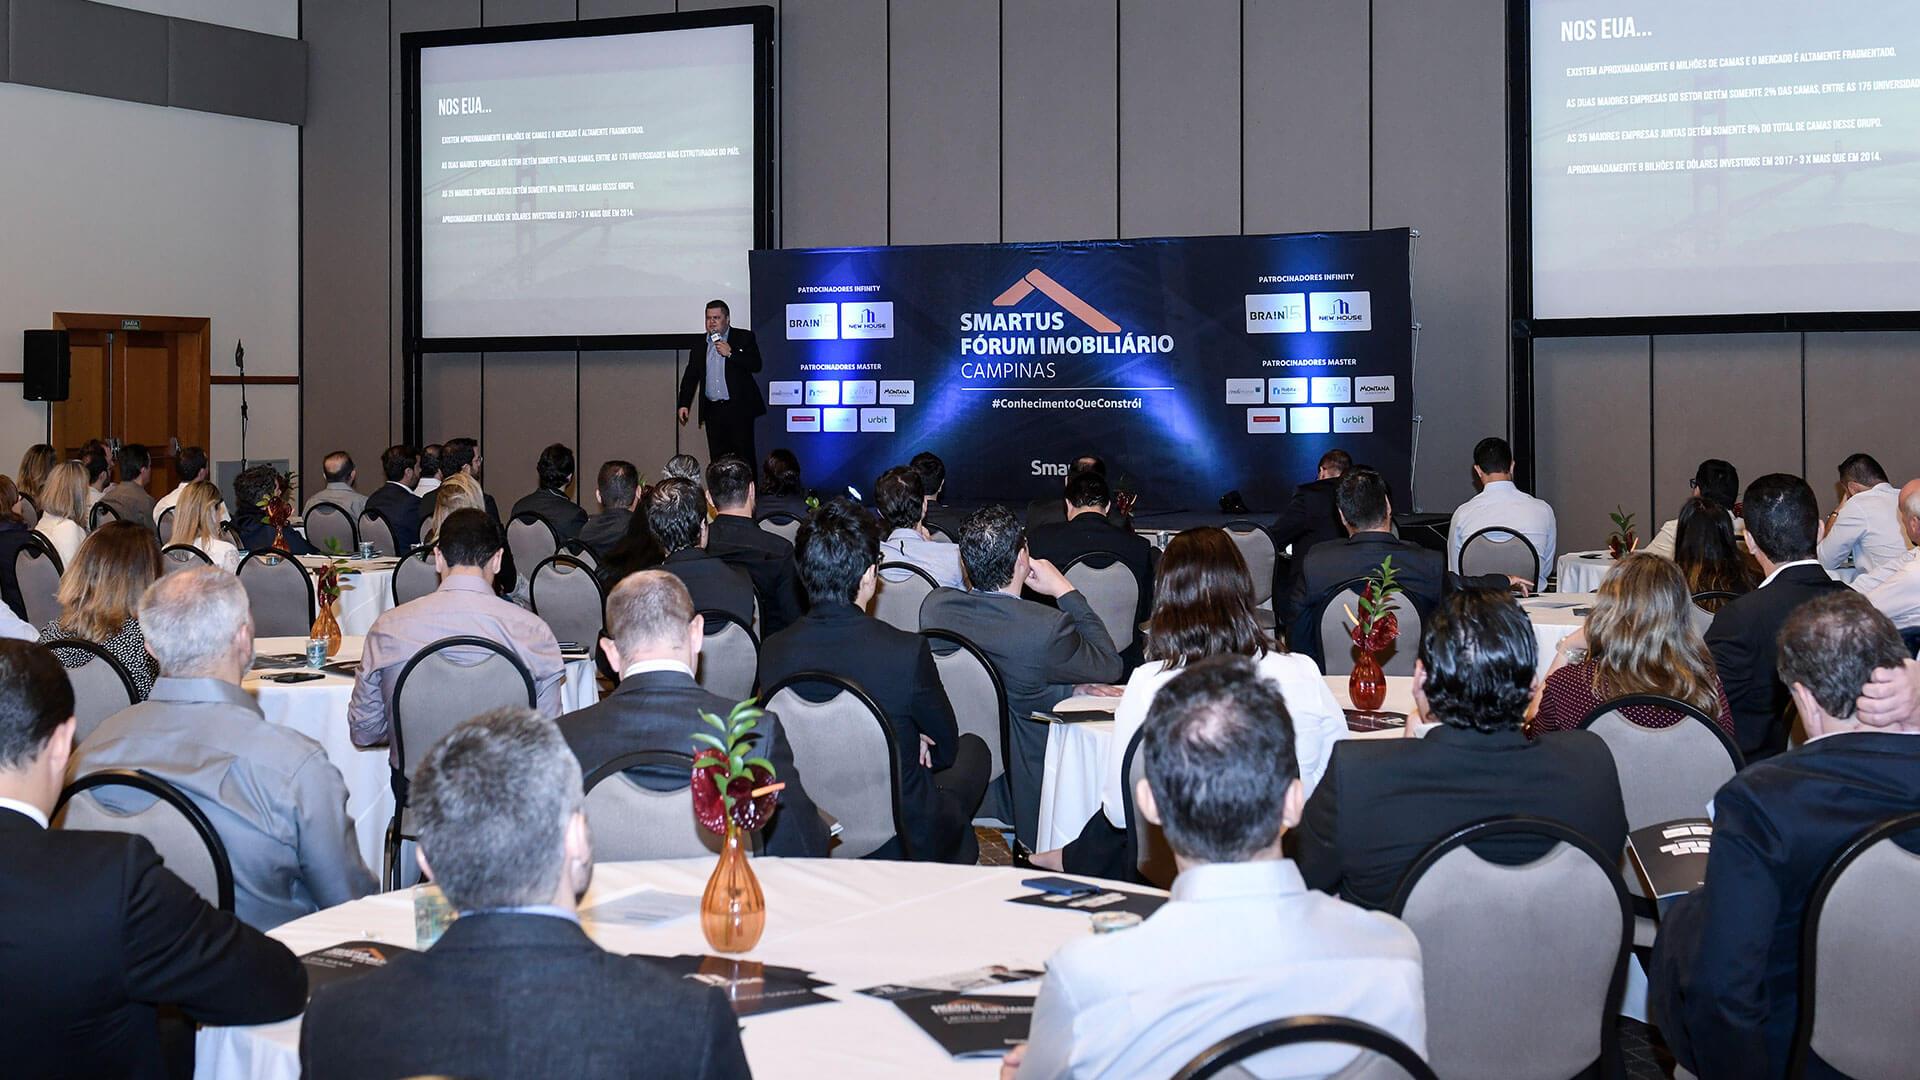 Guilherme da Brain apresentando no palco do fórum imobiliário de campinas em 2018